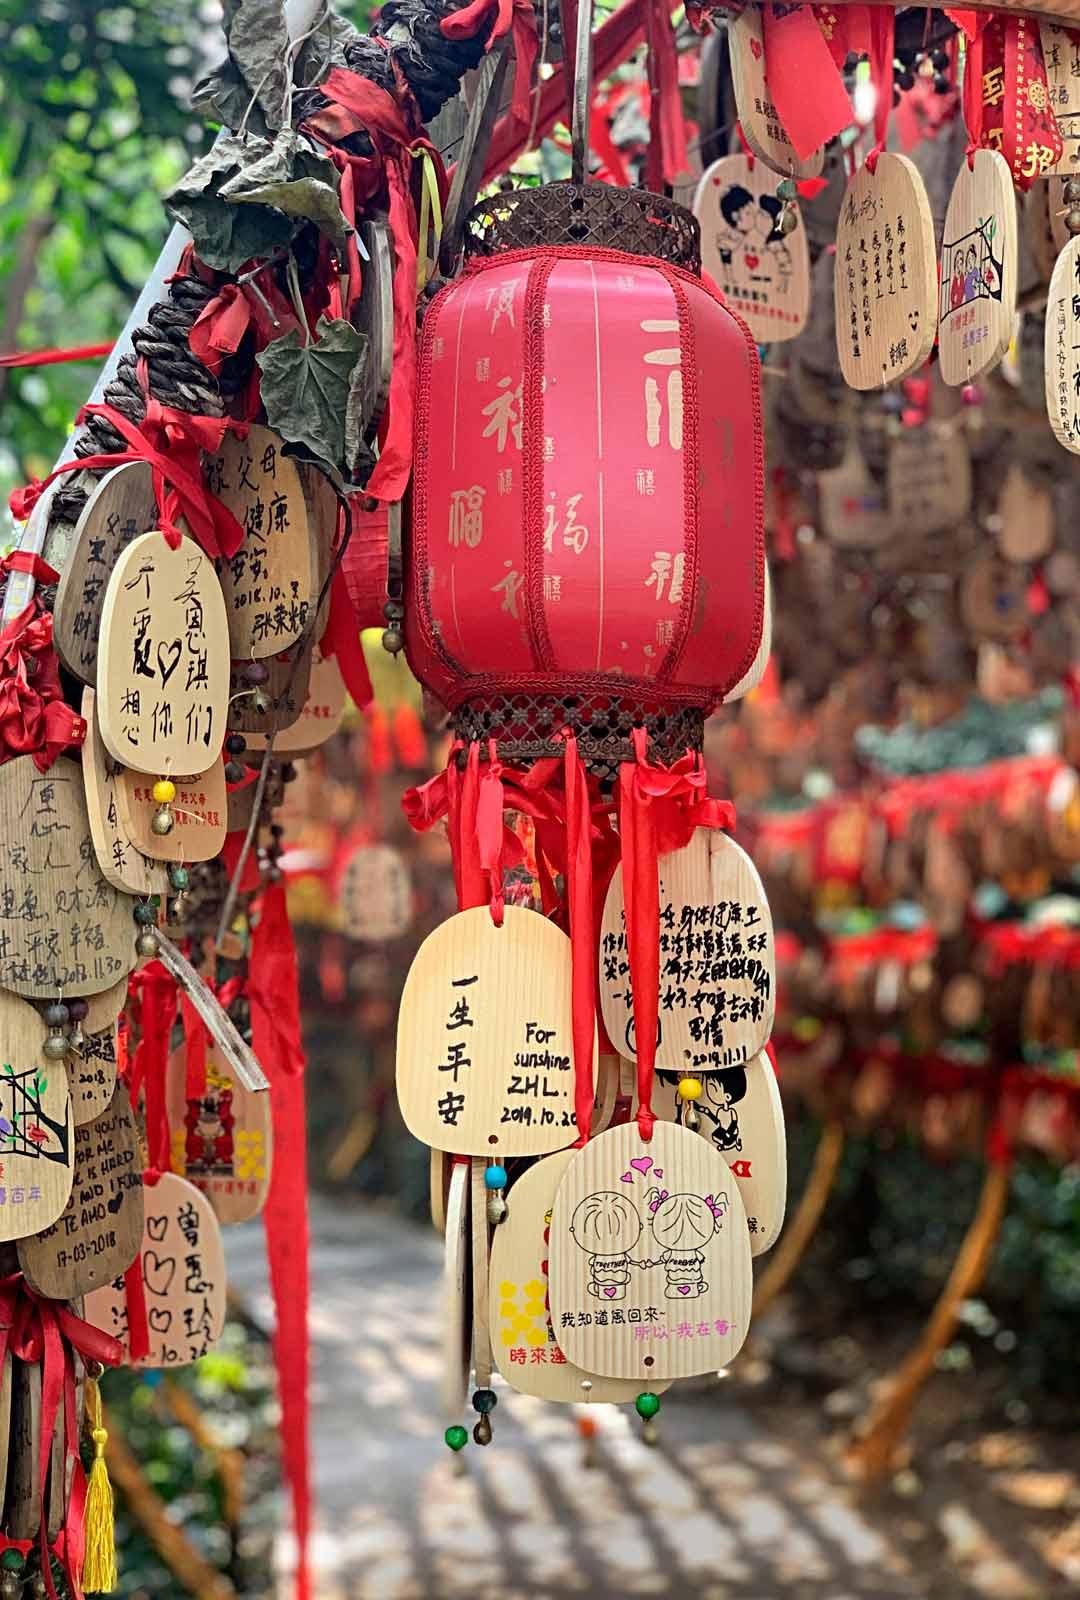 Kun kipuaa ylös Baiyun-vuorelle, kannattaa pysähtyä kujalle, jonne kiinalaiset solmivat toivein ja rukouksin höystettyjä koristeita. Niitä myydään samalla tasanteella sijaitsevassa kojussa.